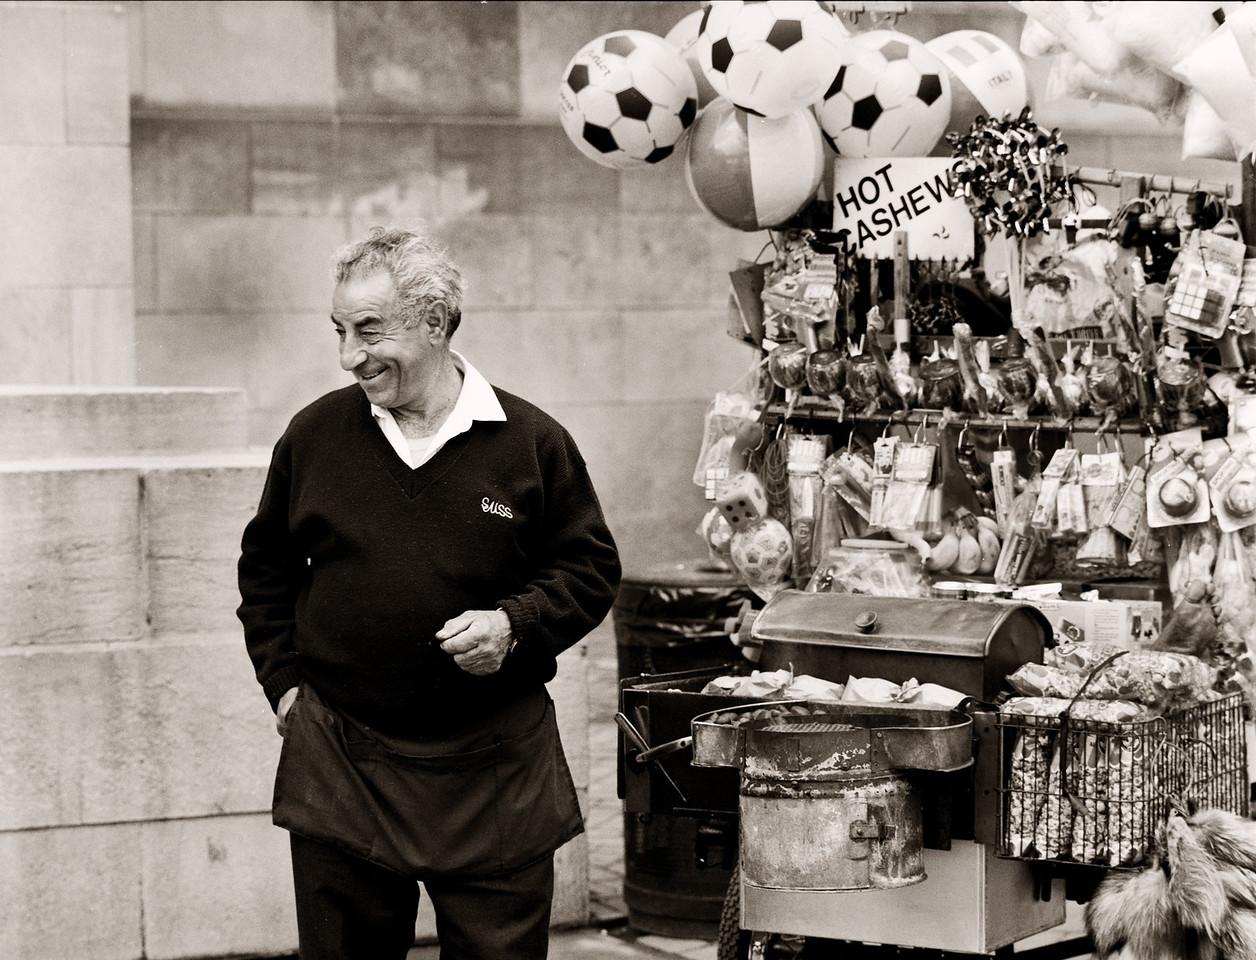 Italian Vendor